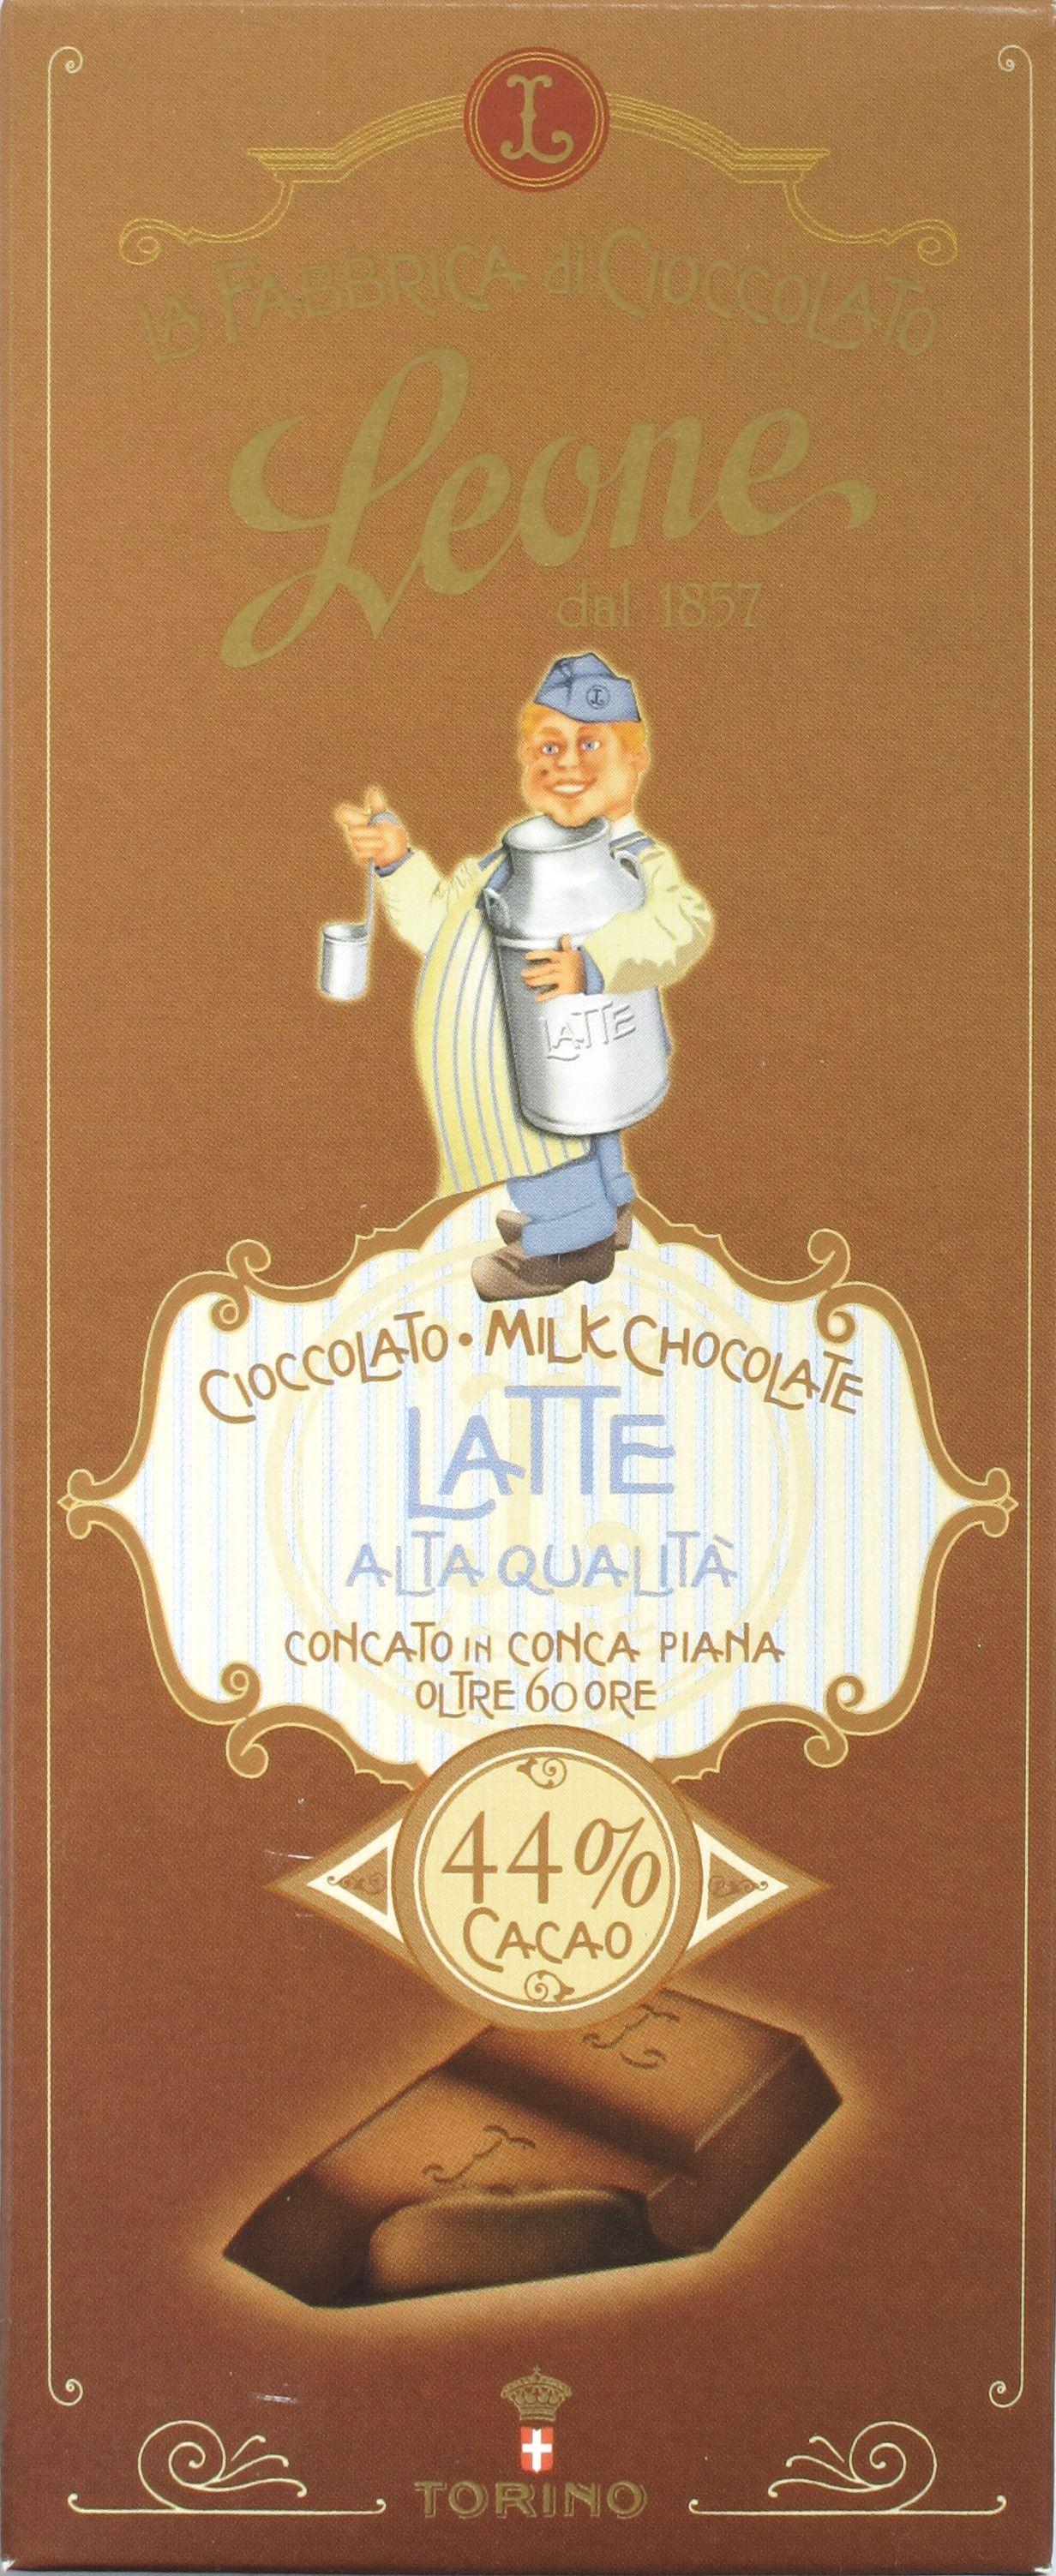 Leone Cioccolato Latte